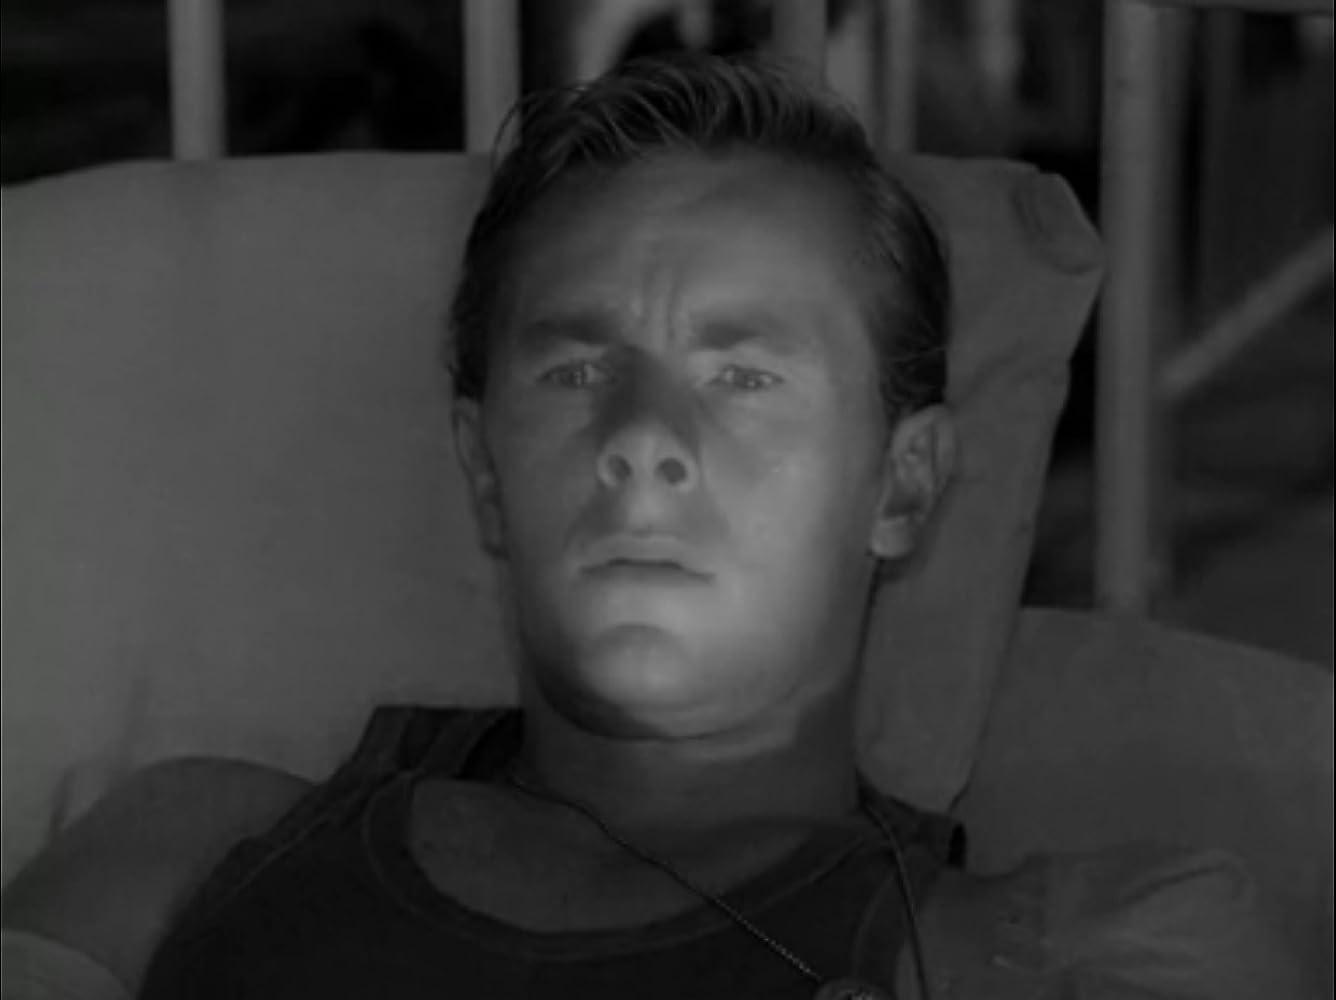 Michael Vandever in The Twilight Zone (1959)